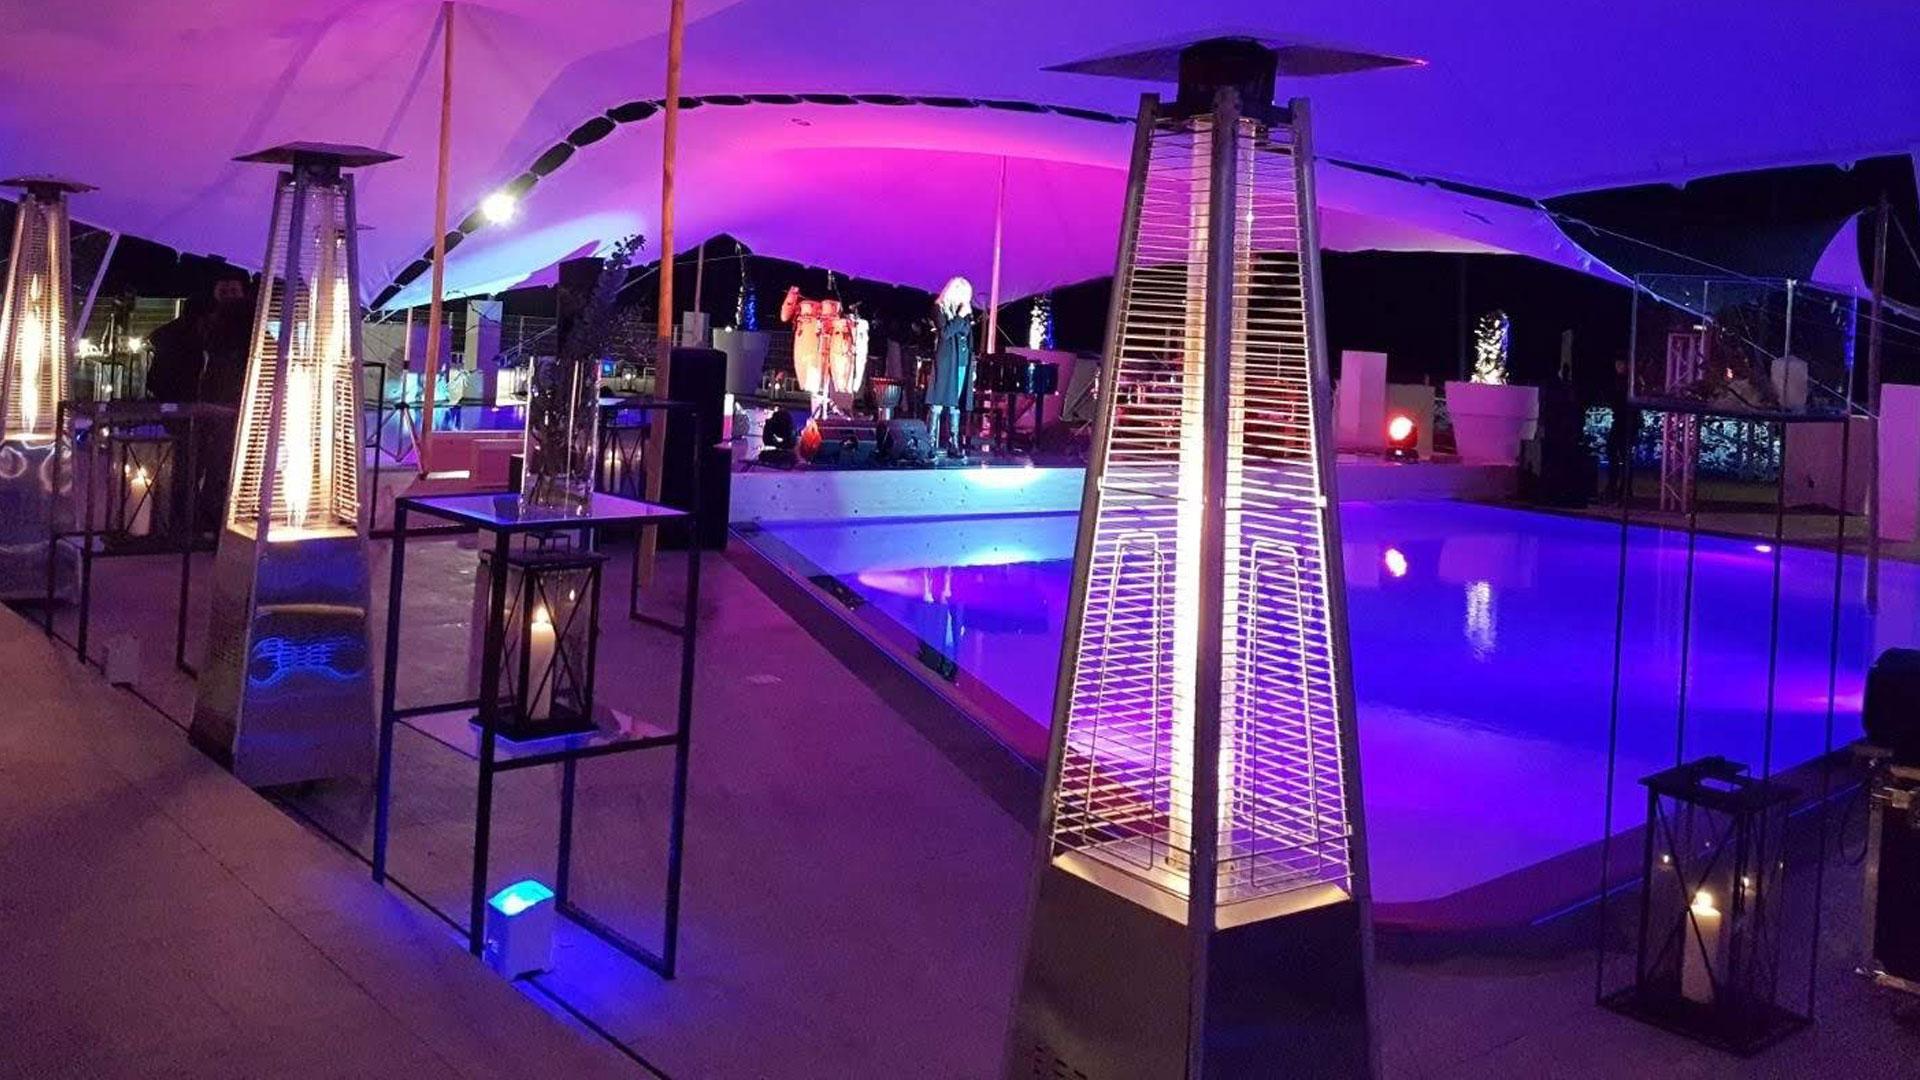 alphatentevent-verlichting-patio-heaters-flame-heaters-verwarming-ledverlichting-wedding-bruilofttent